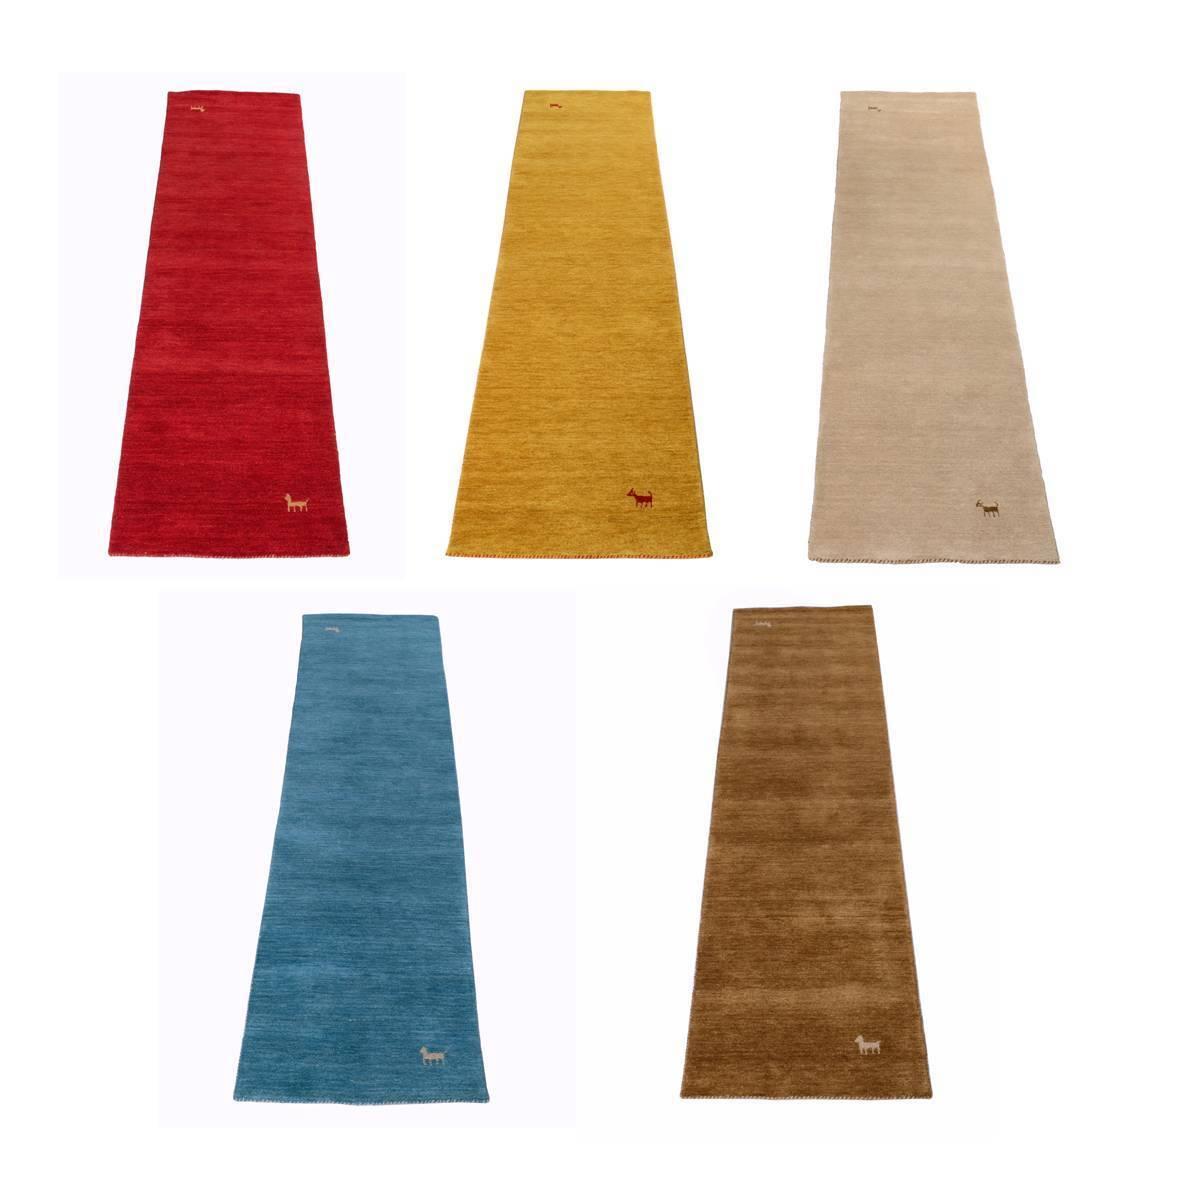 Orientteppich Läufer Gabbeh Loom, handgefertigt 100% Schurwolle 5 versch. Farben